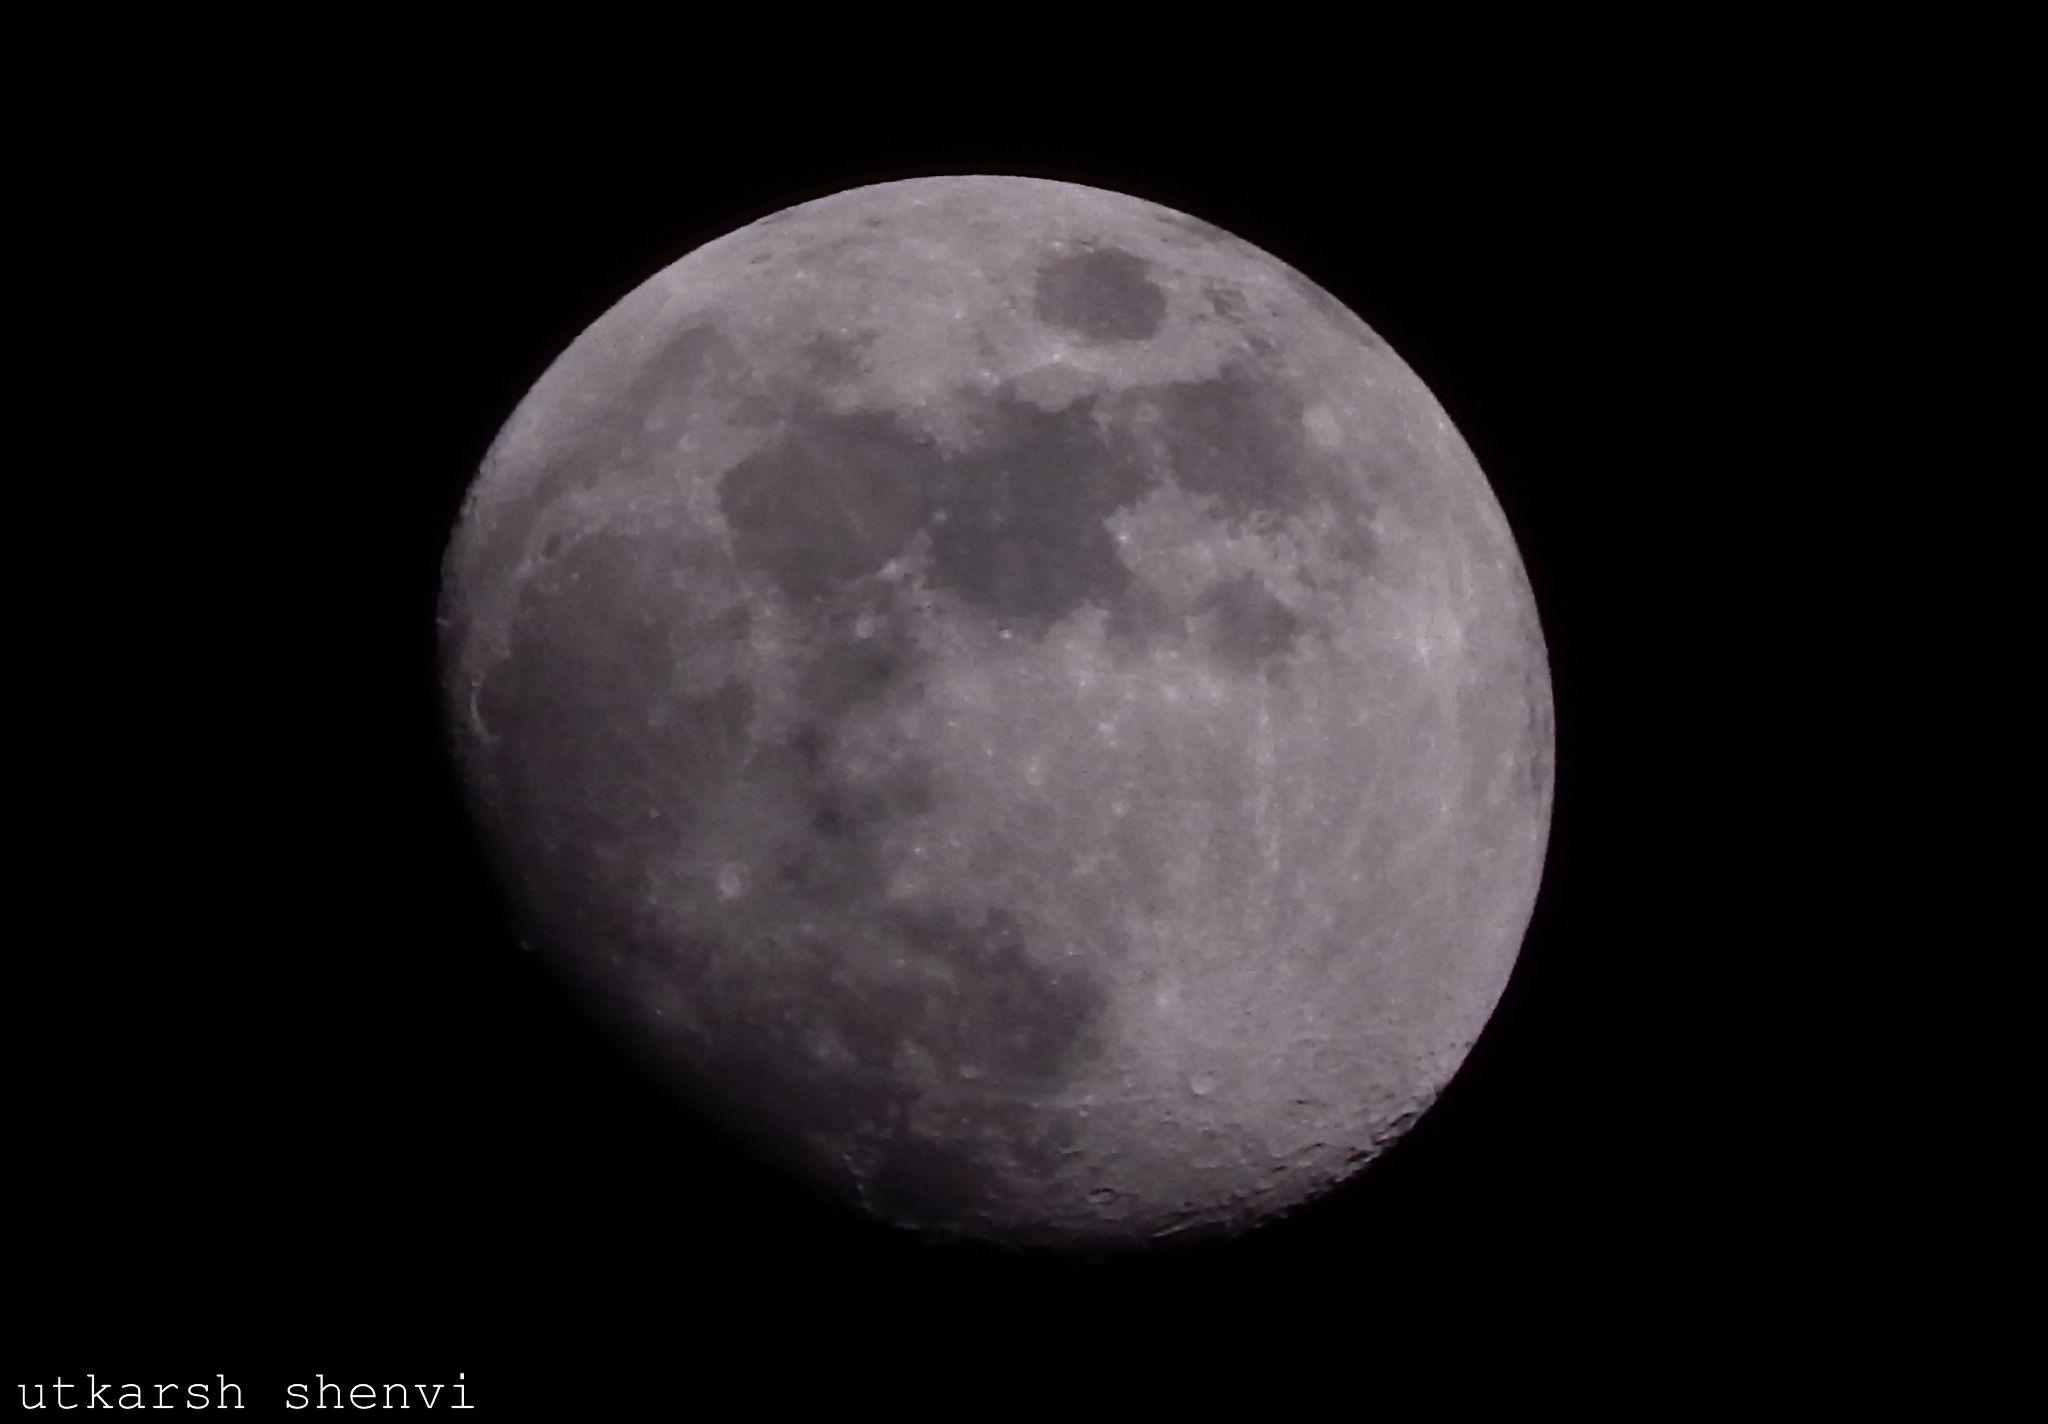 Earth's Moon by Utkarsh Shenvi